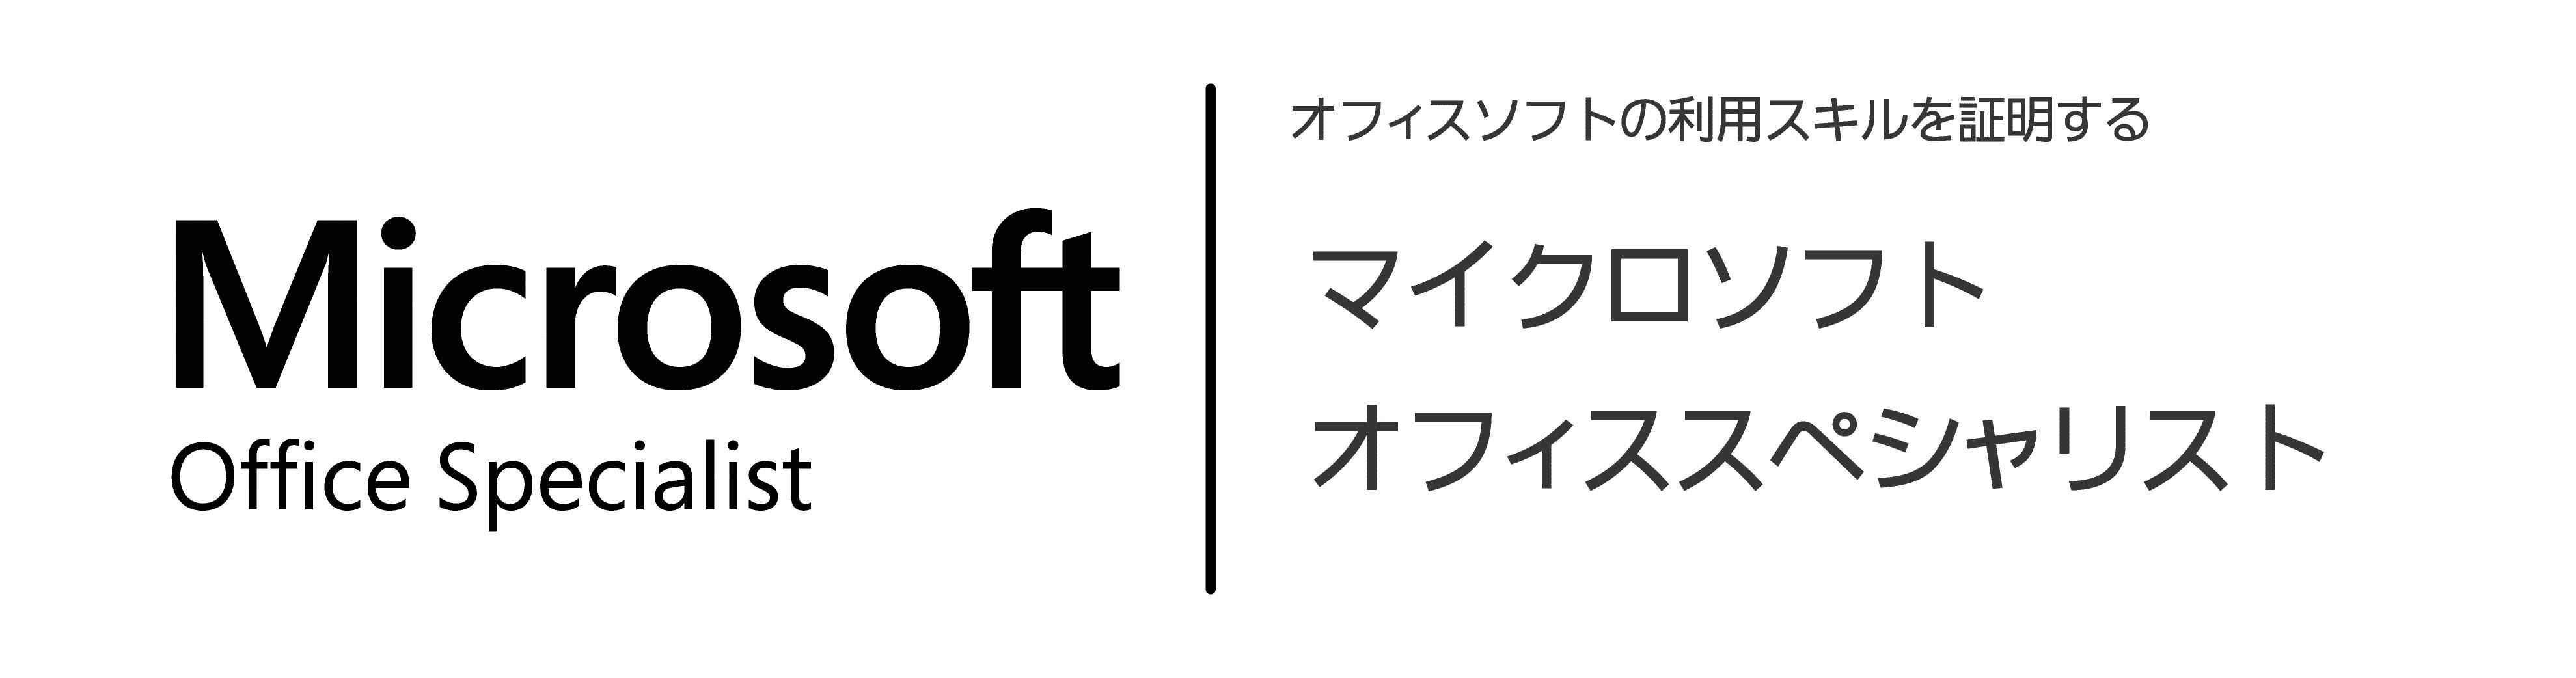 オフィスソフトの利用スキルを証明する マイクロソフトオフィススペシャリスト